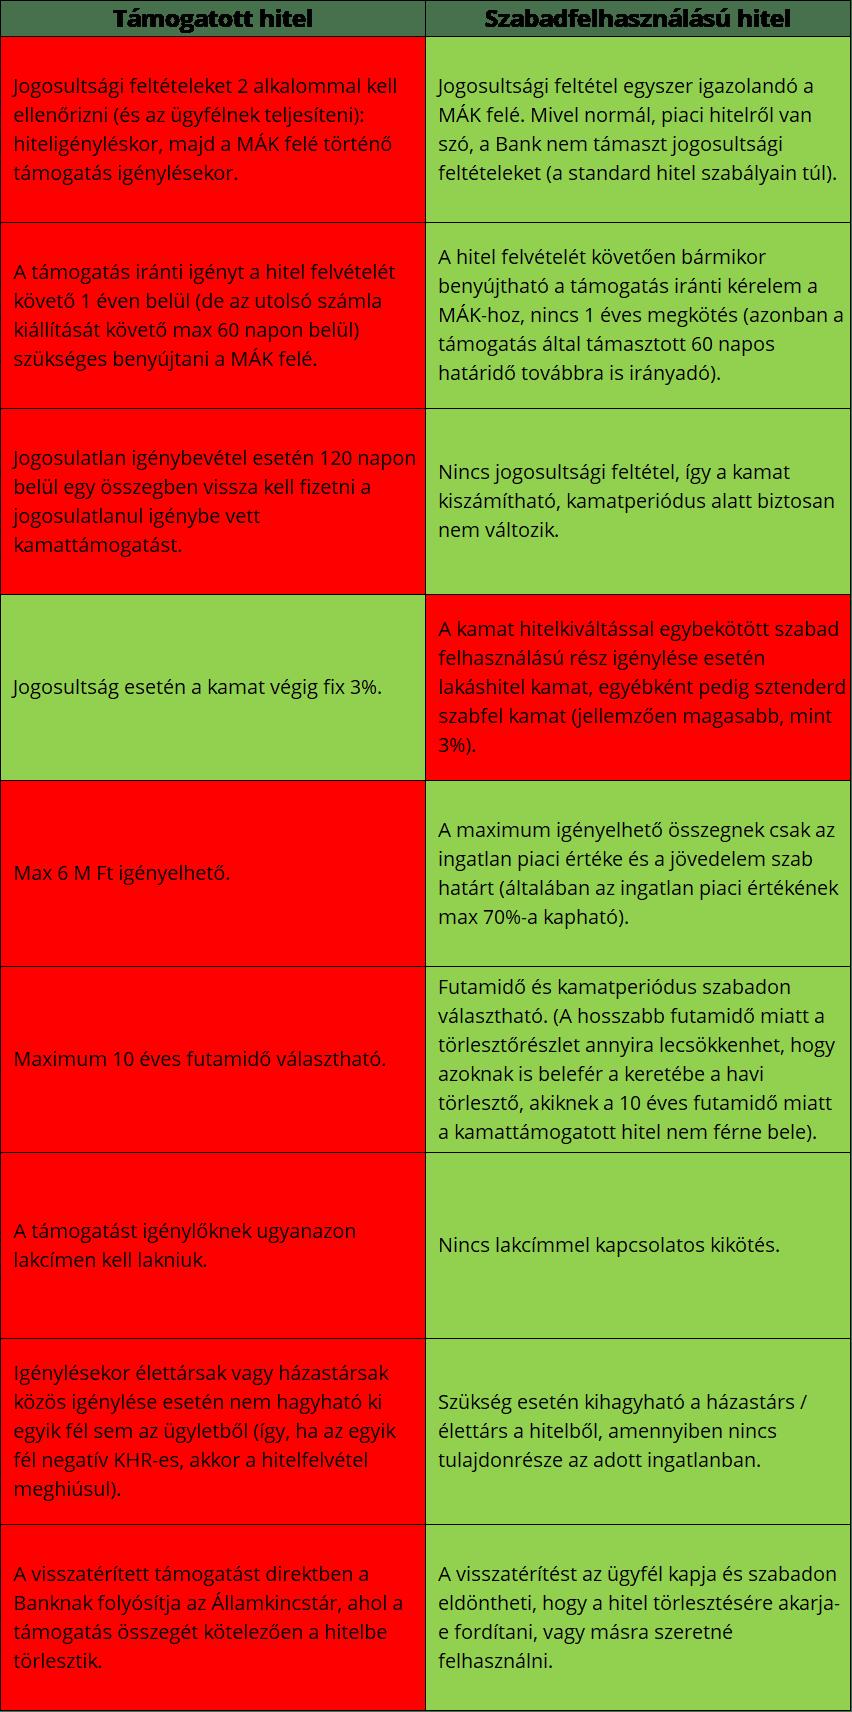 Támogatott vs szabadfelhasználású hitel